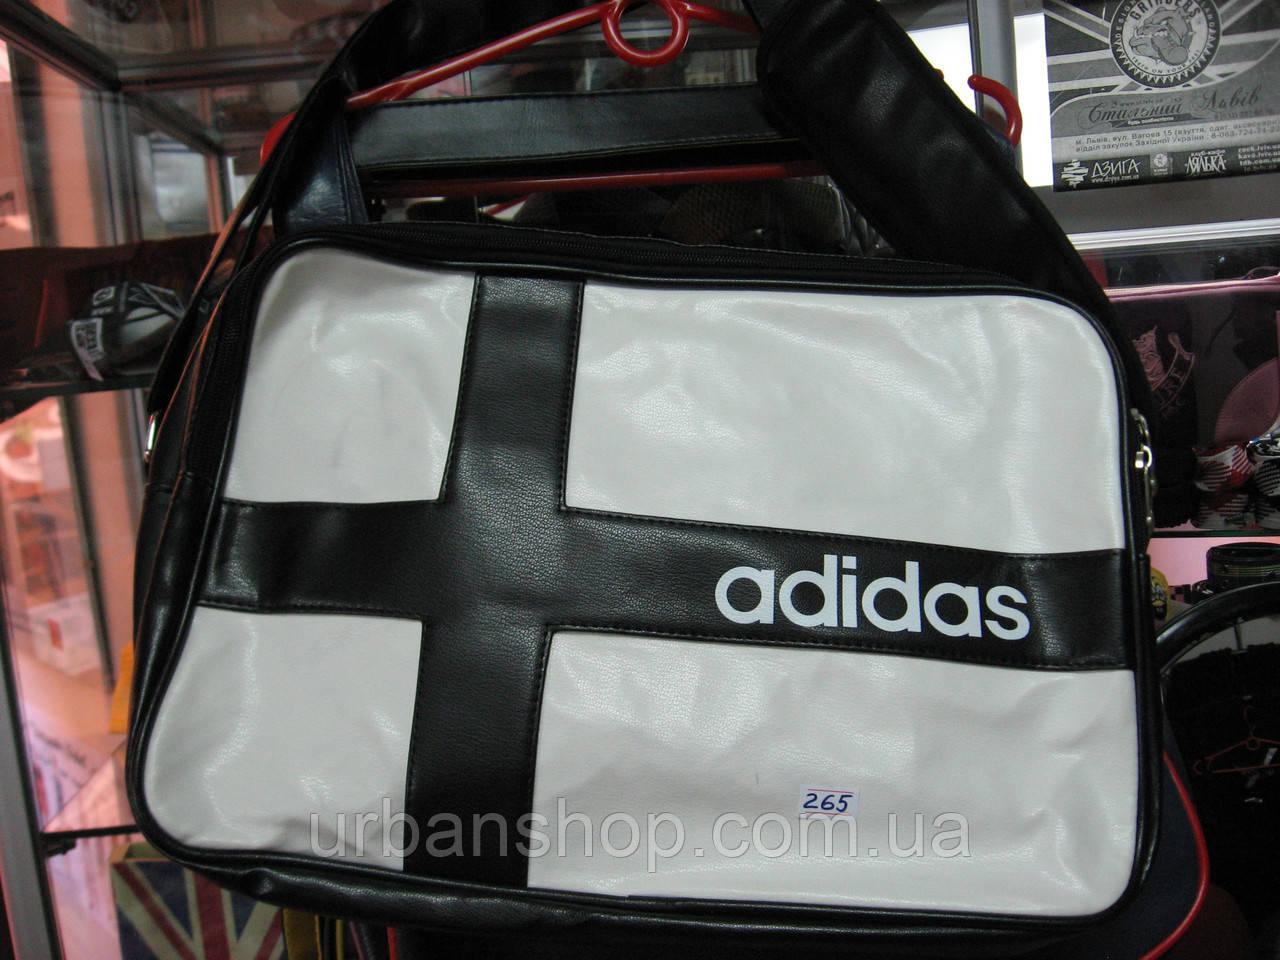 Сумка Adidas чорна з білим. Увага! Щоб ЗАМОВИТИ писати на Viber +380954029358